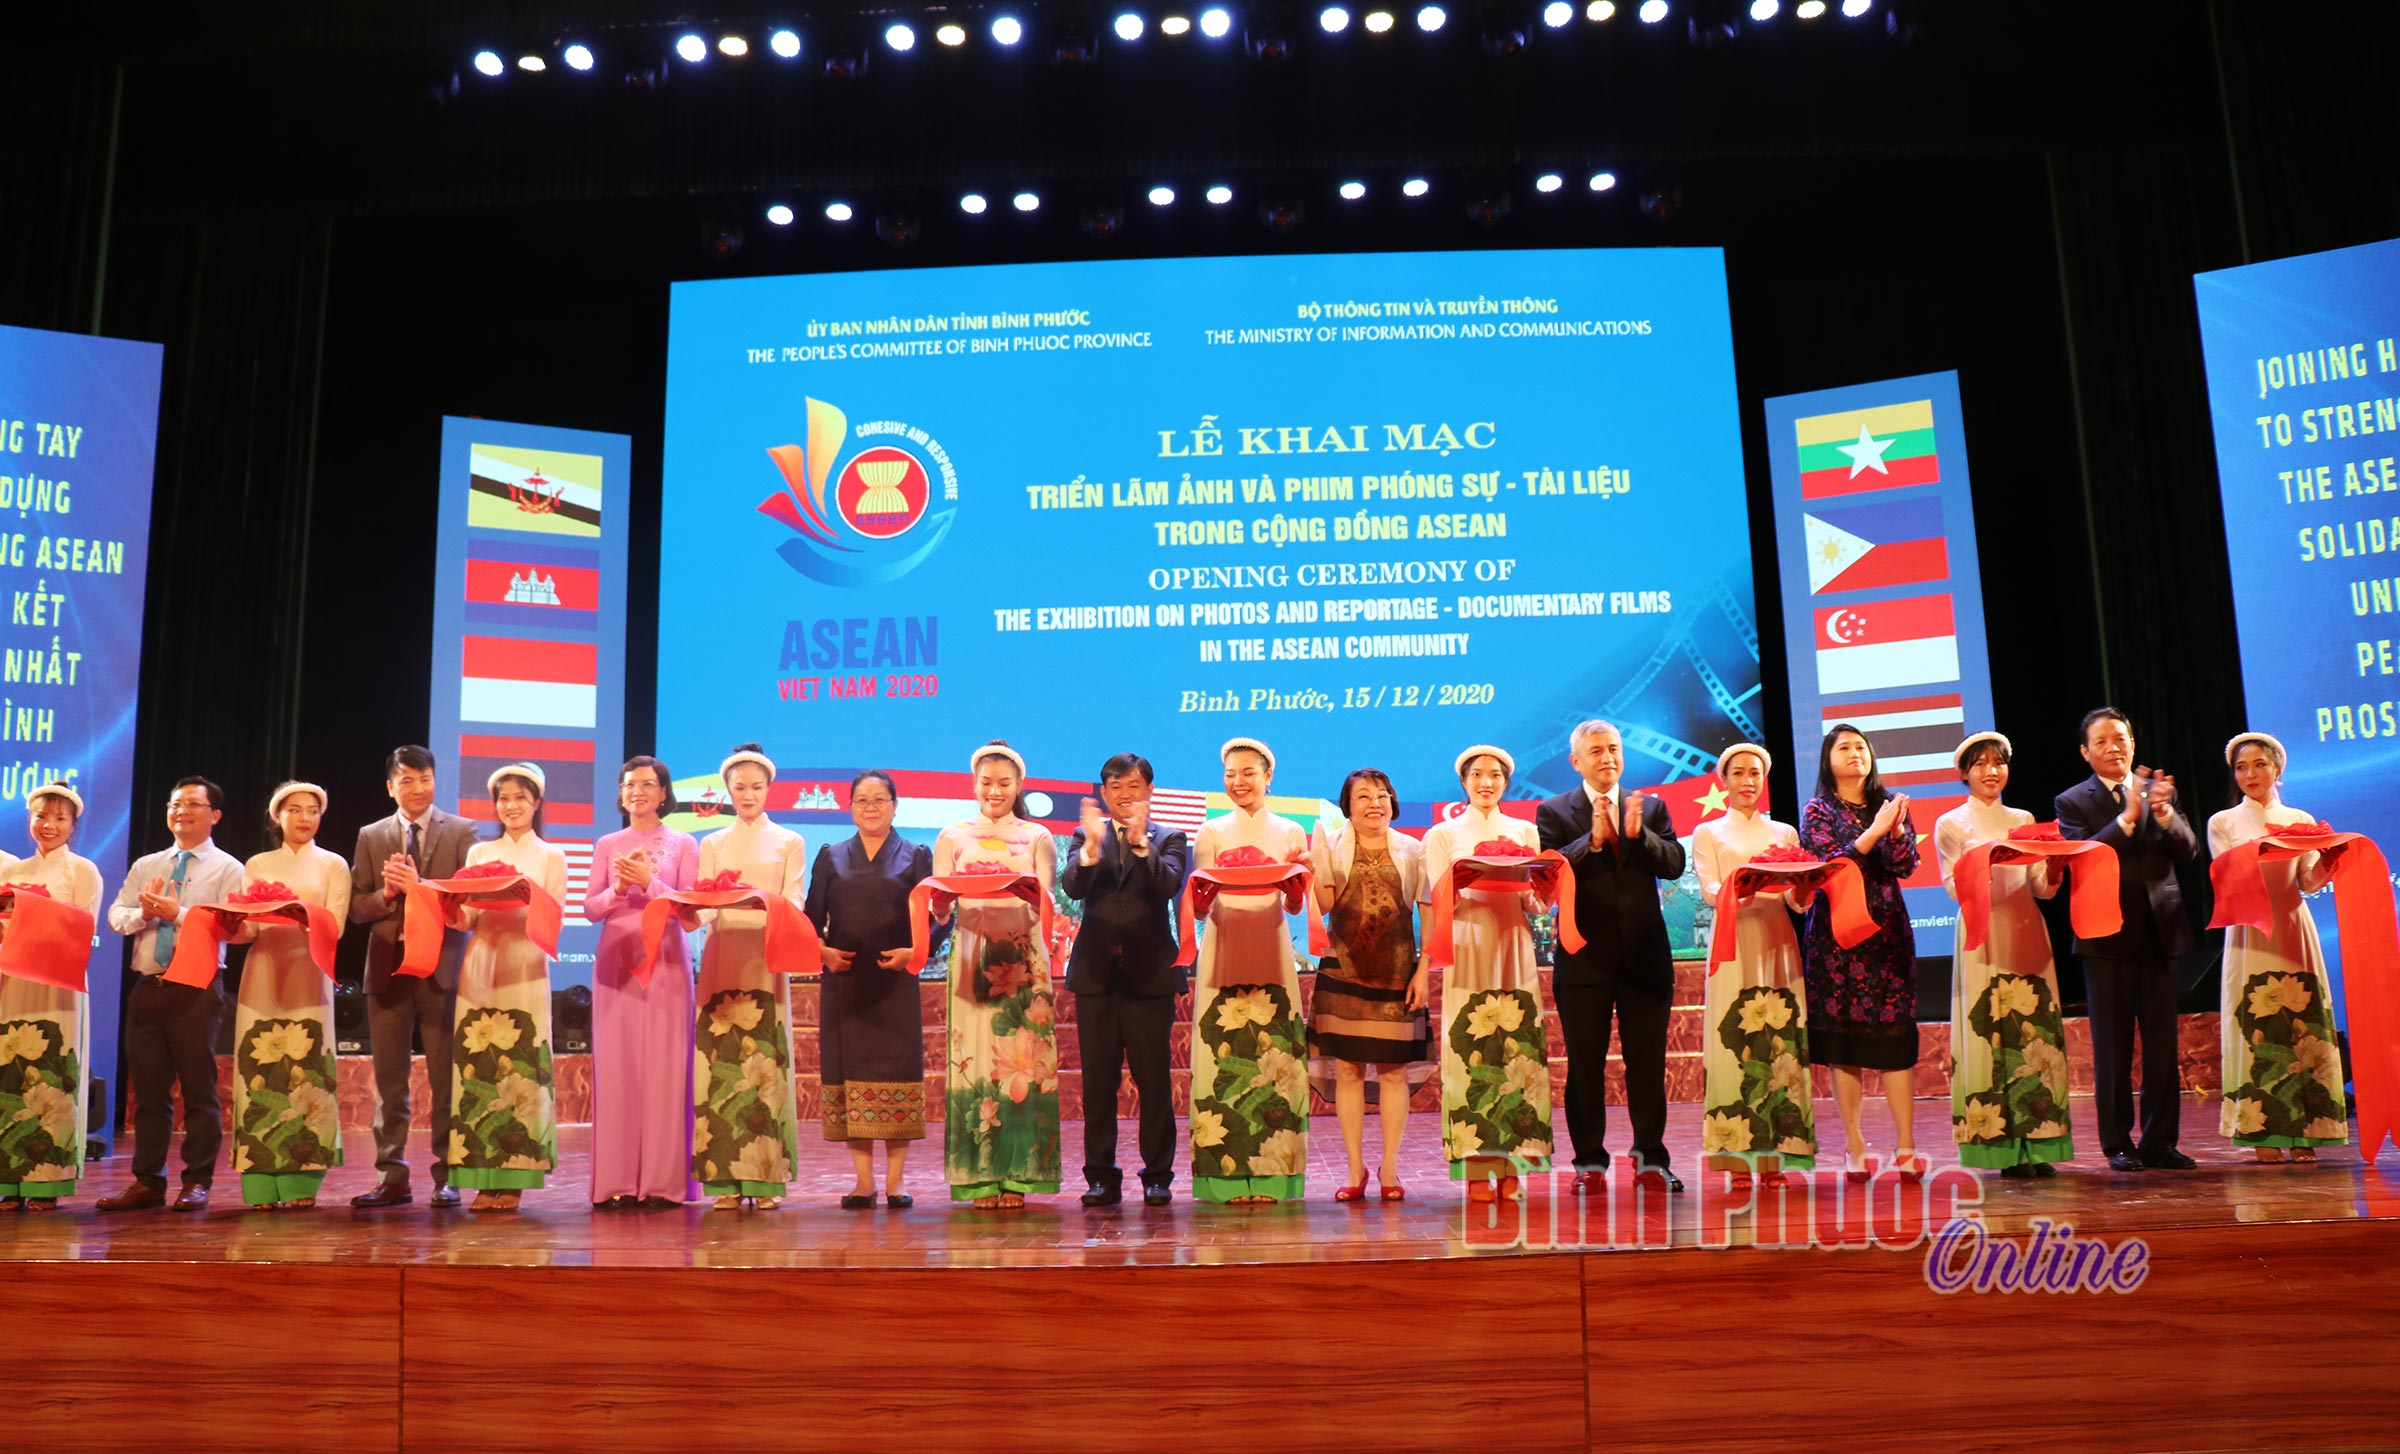 Ủy viên Ban Thường vụ Tỉnh ủy, Phó chủ tịch UBND tỉnh Trần Tuyết Minh phát biểu tại lễ khai mạc